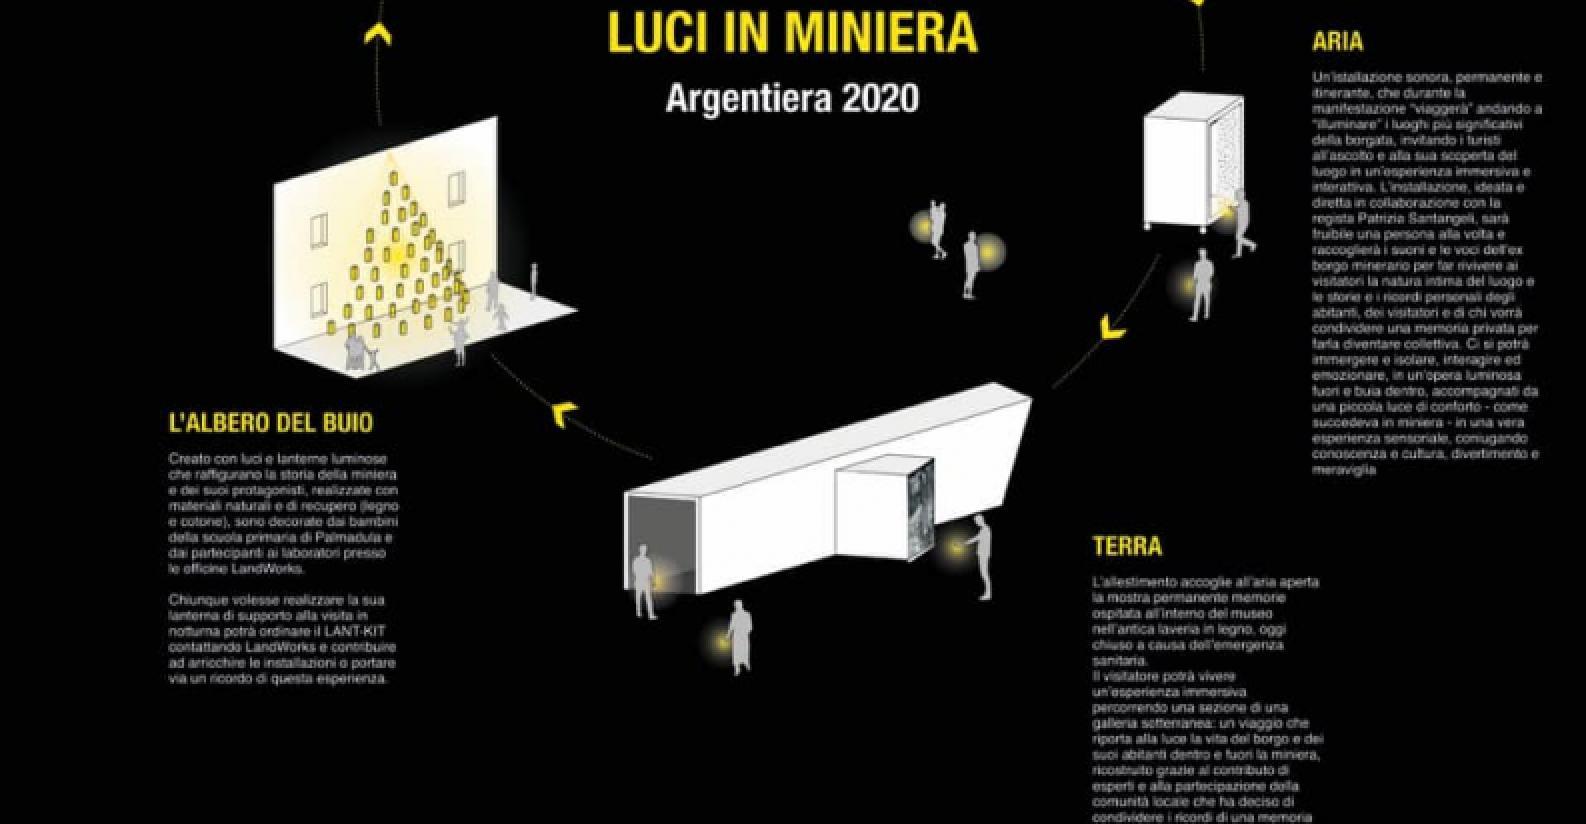 luci_in_miniera_2020_argentiera_landworks